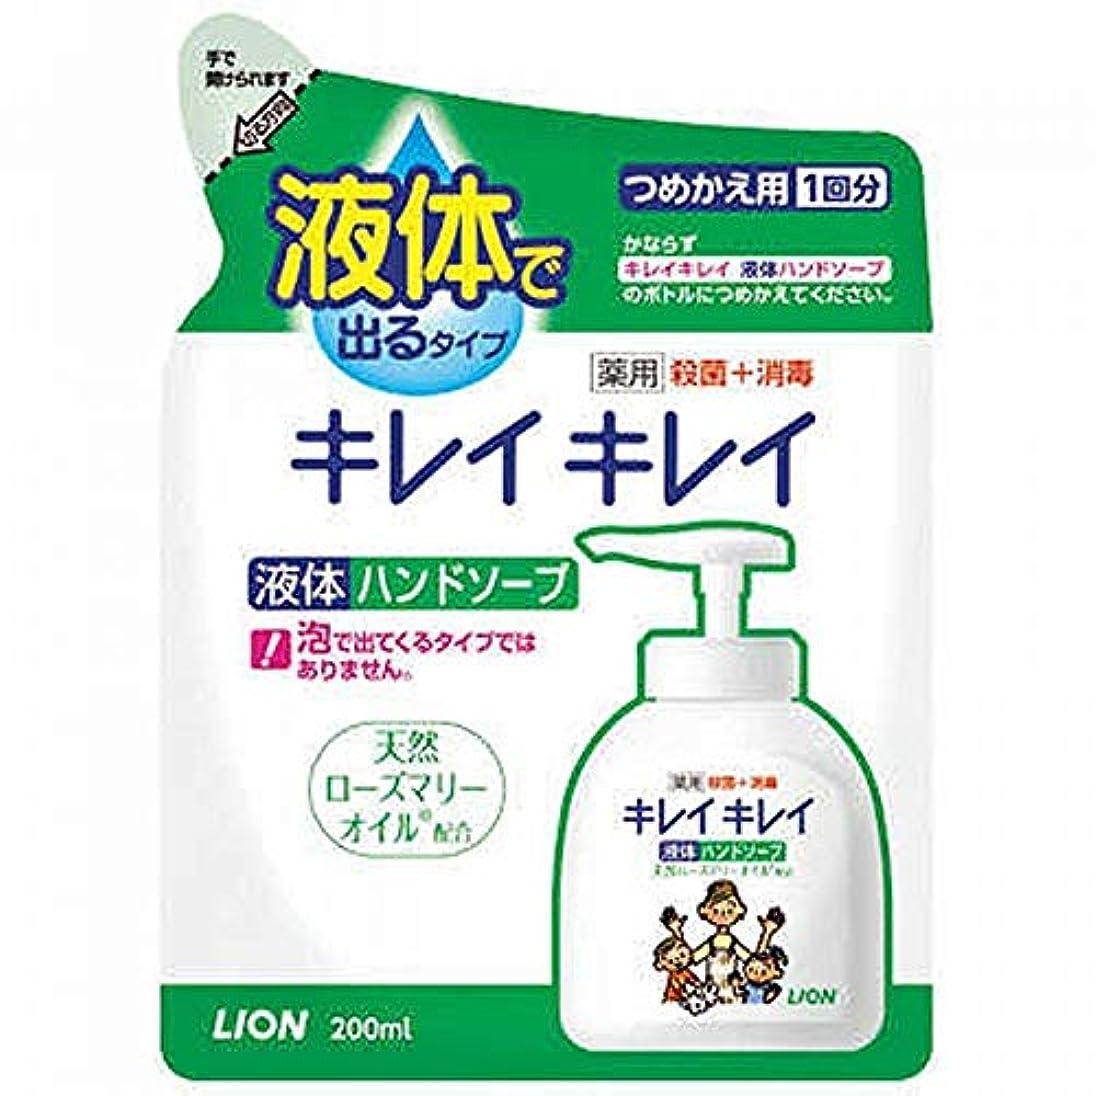 作家敷居ばかげたライオン キレイキレイ 薬用液体ハンドソープ 詰替 200ml ×2セット